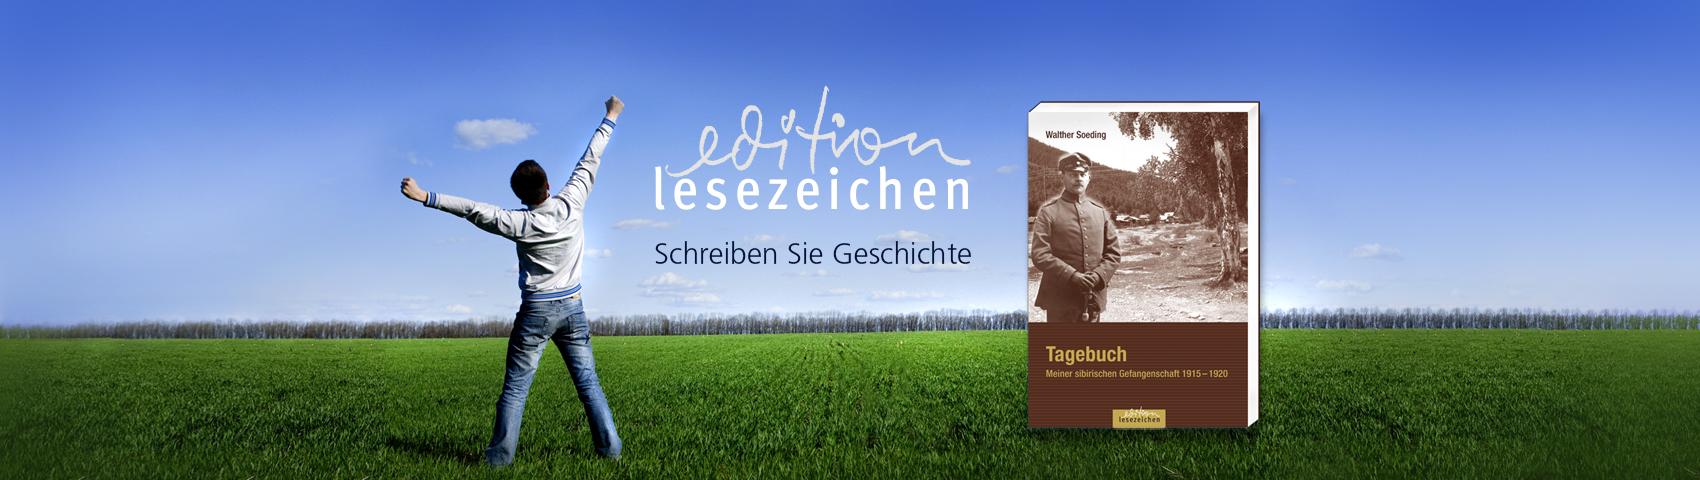 edition lesezeichen Geschichte